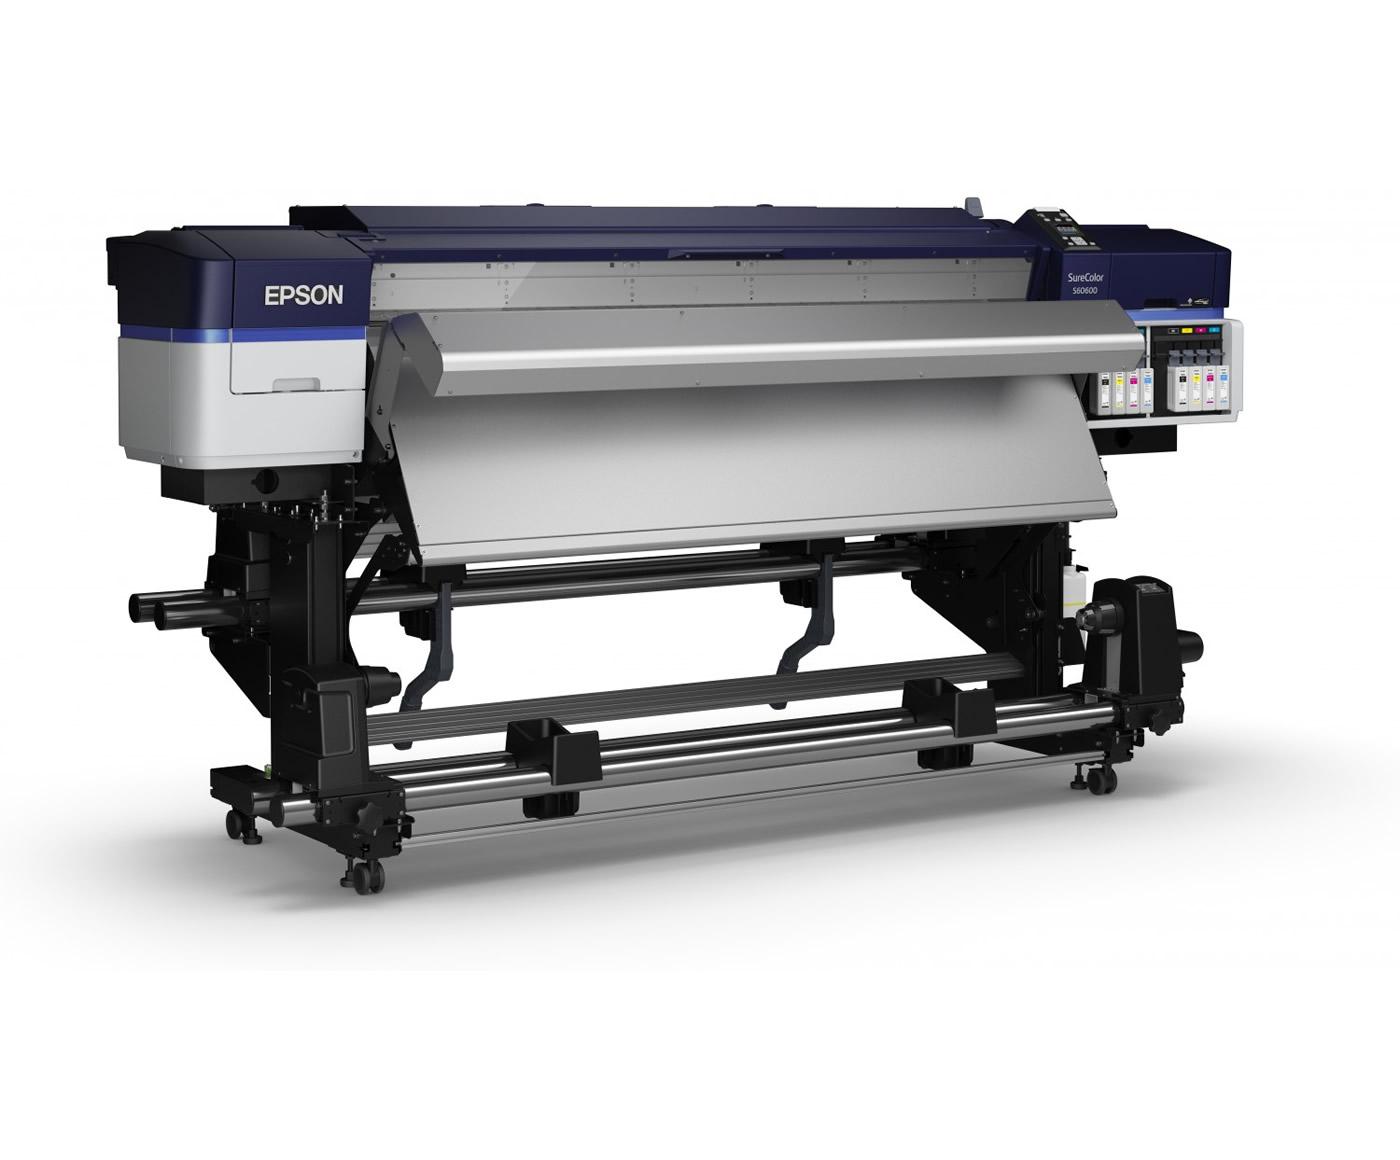 Impresora gran formato Epson SC-S60600 III